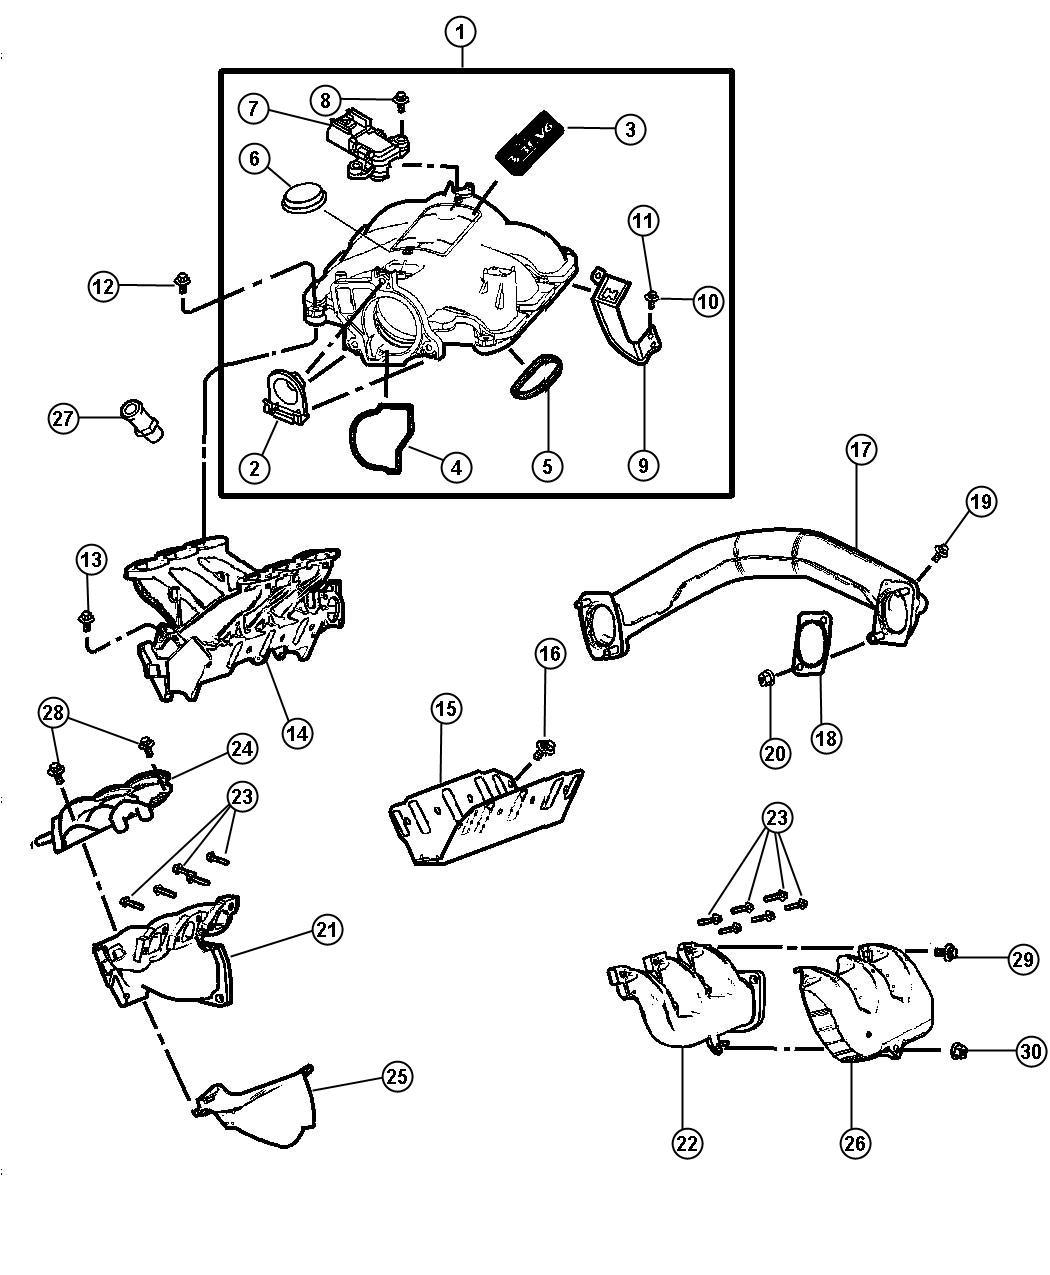 Chrysler Pt Cruiser Manifold Exhaust Left